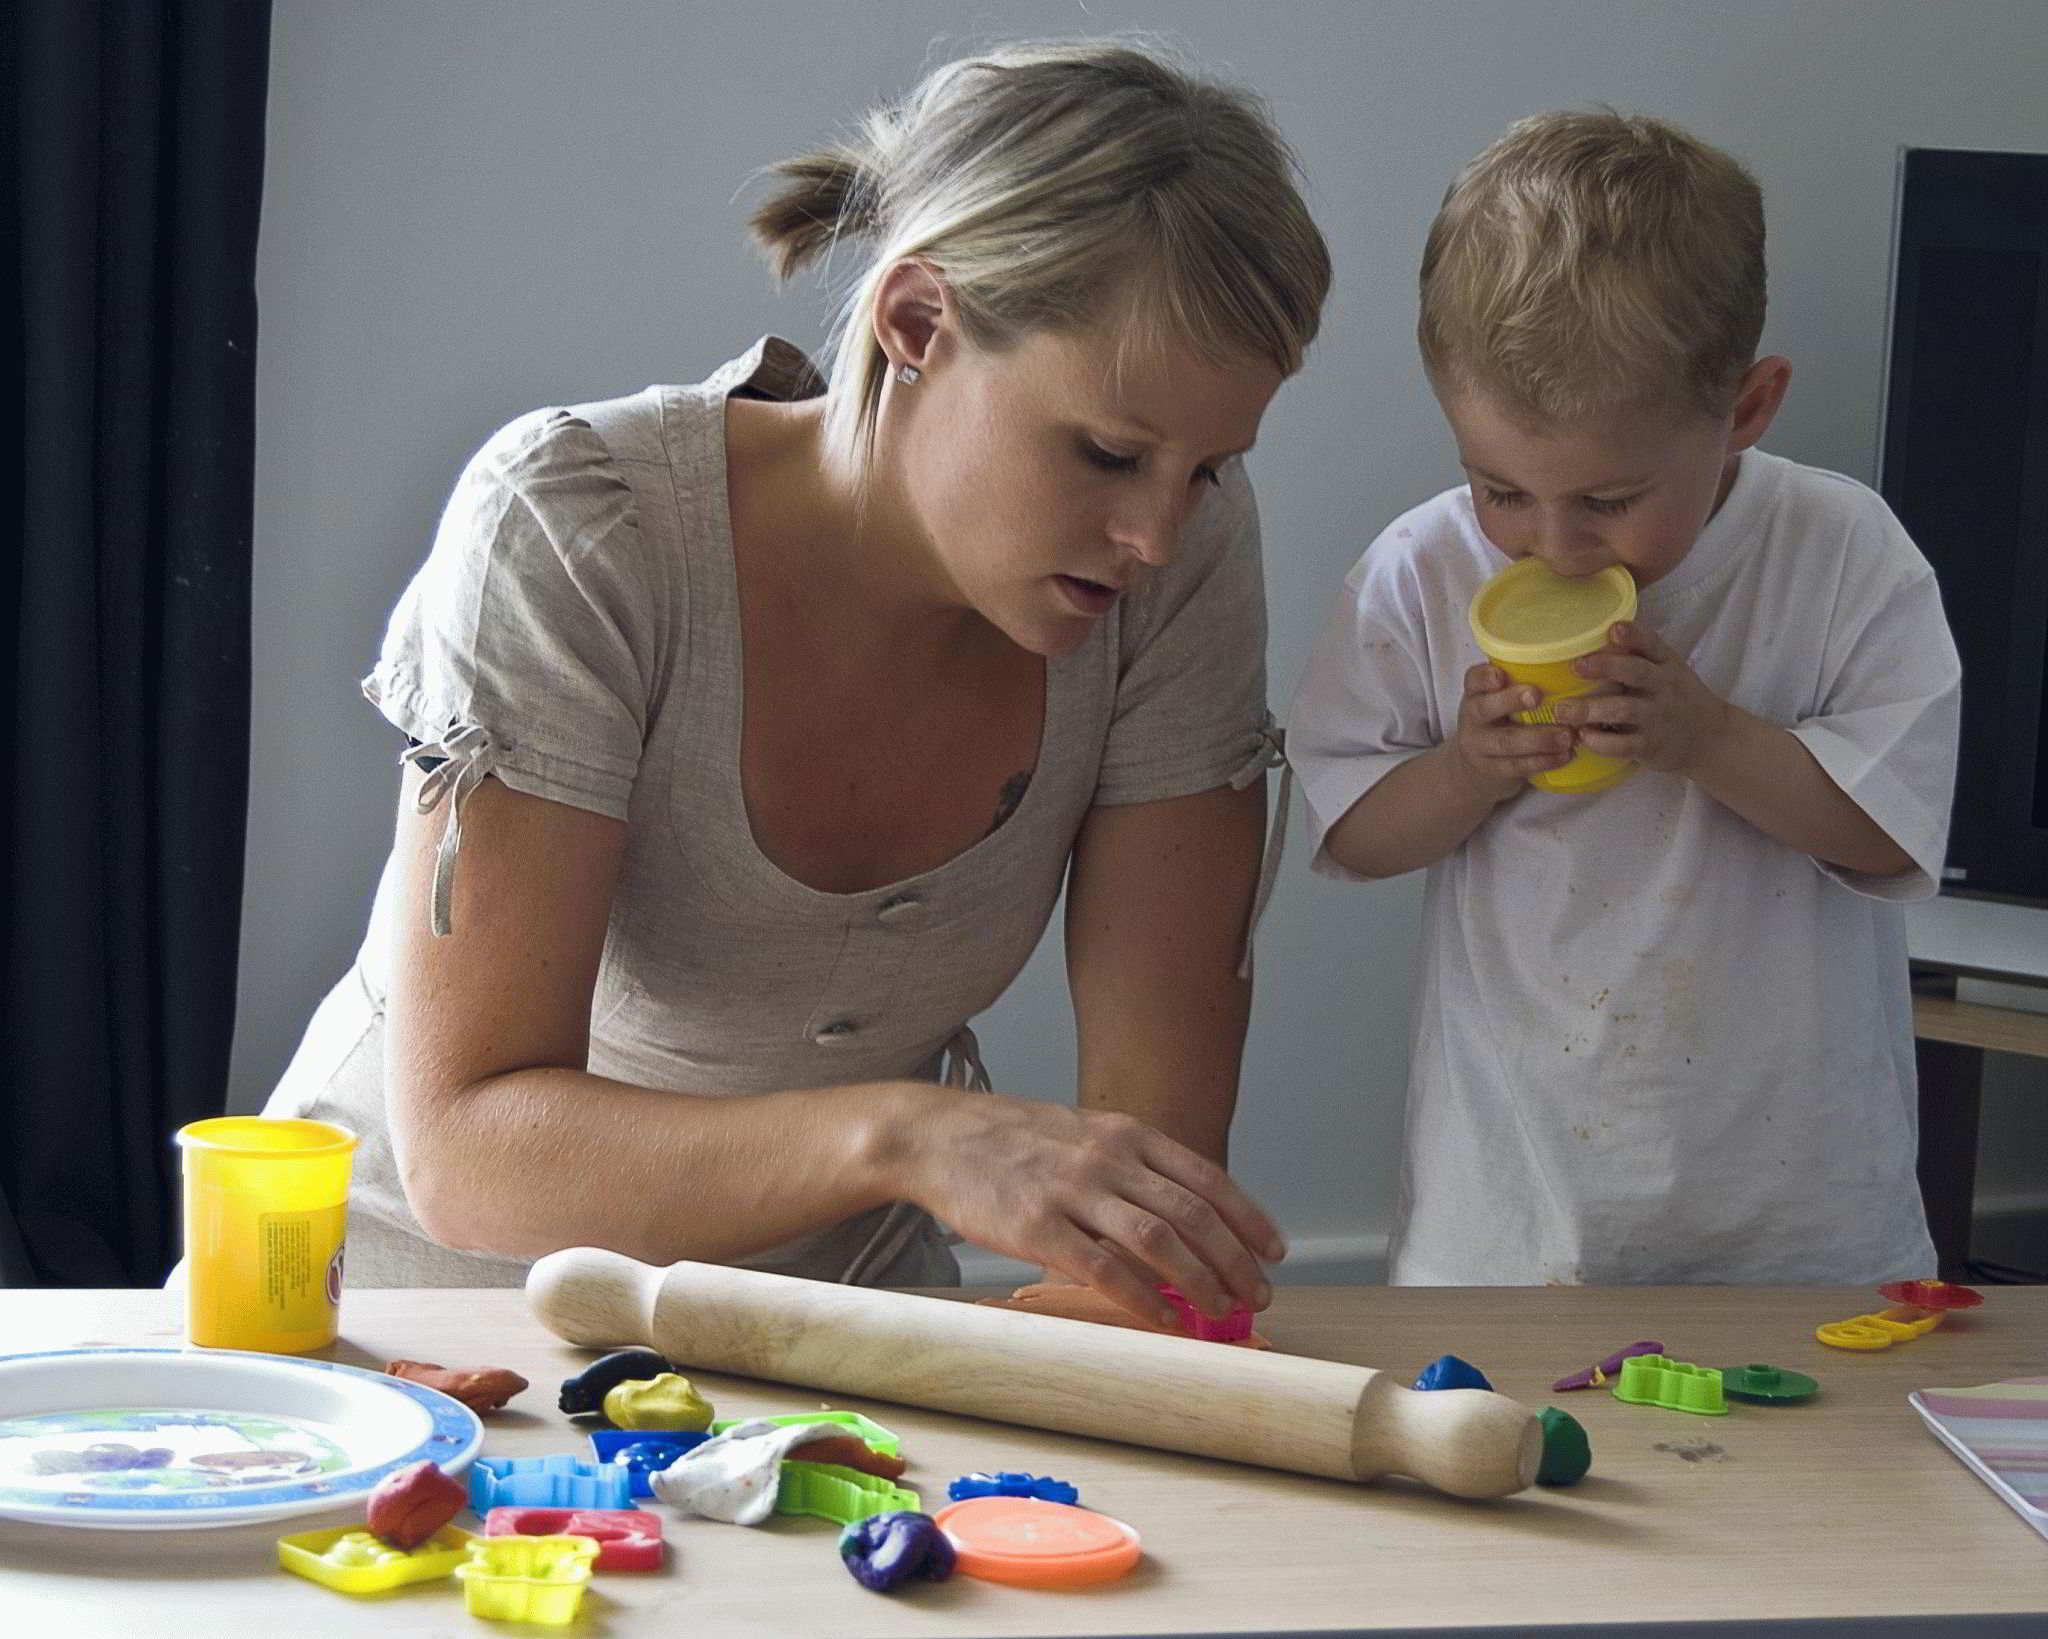 Как мотивировать детей чтобы они сами захотели с вами играть